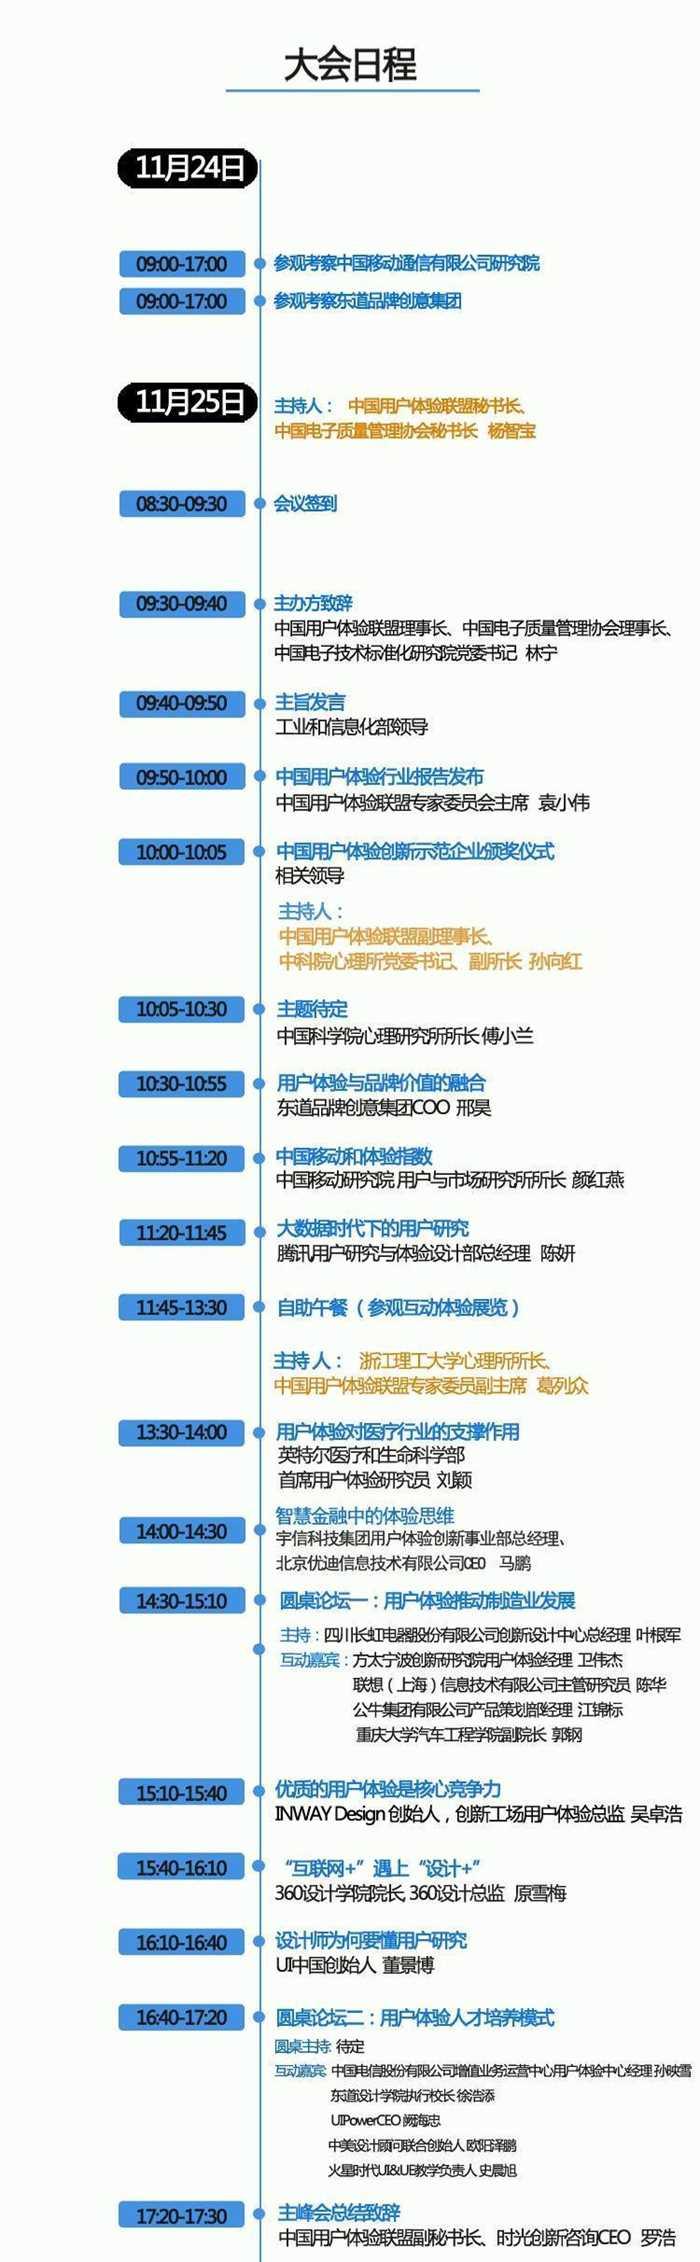 主论坛日程.jpg